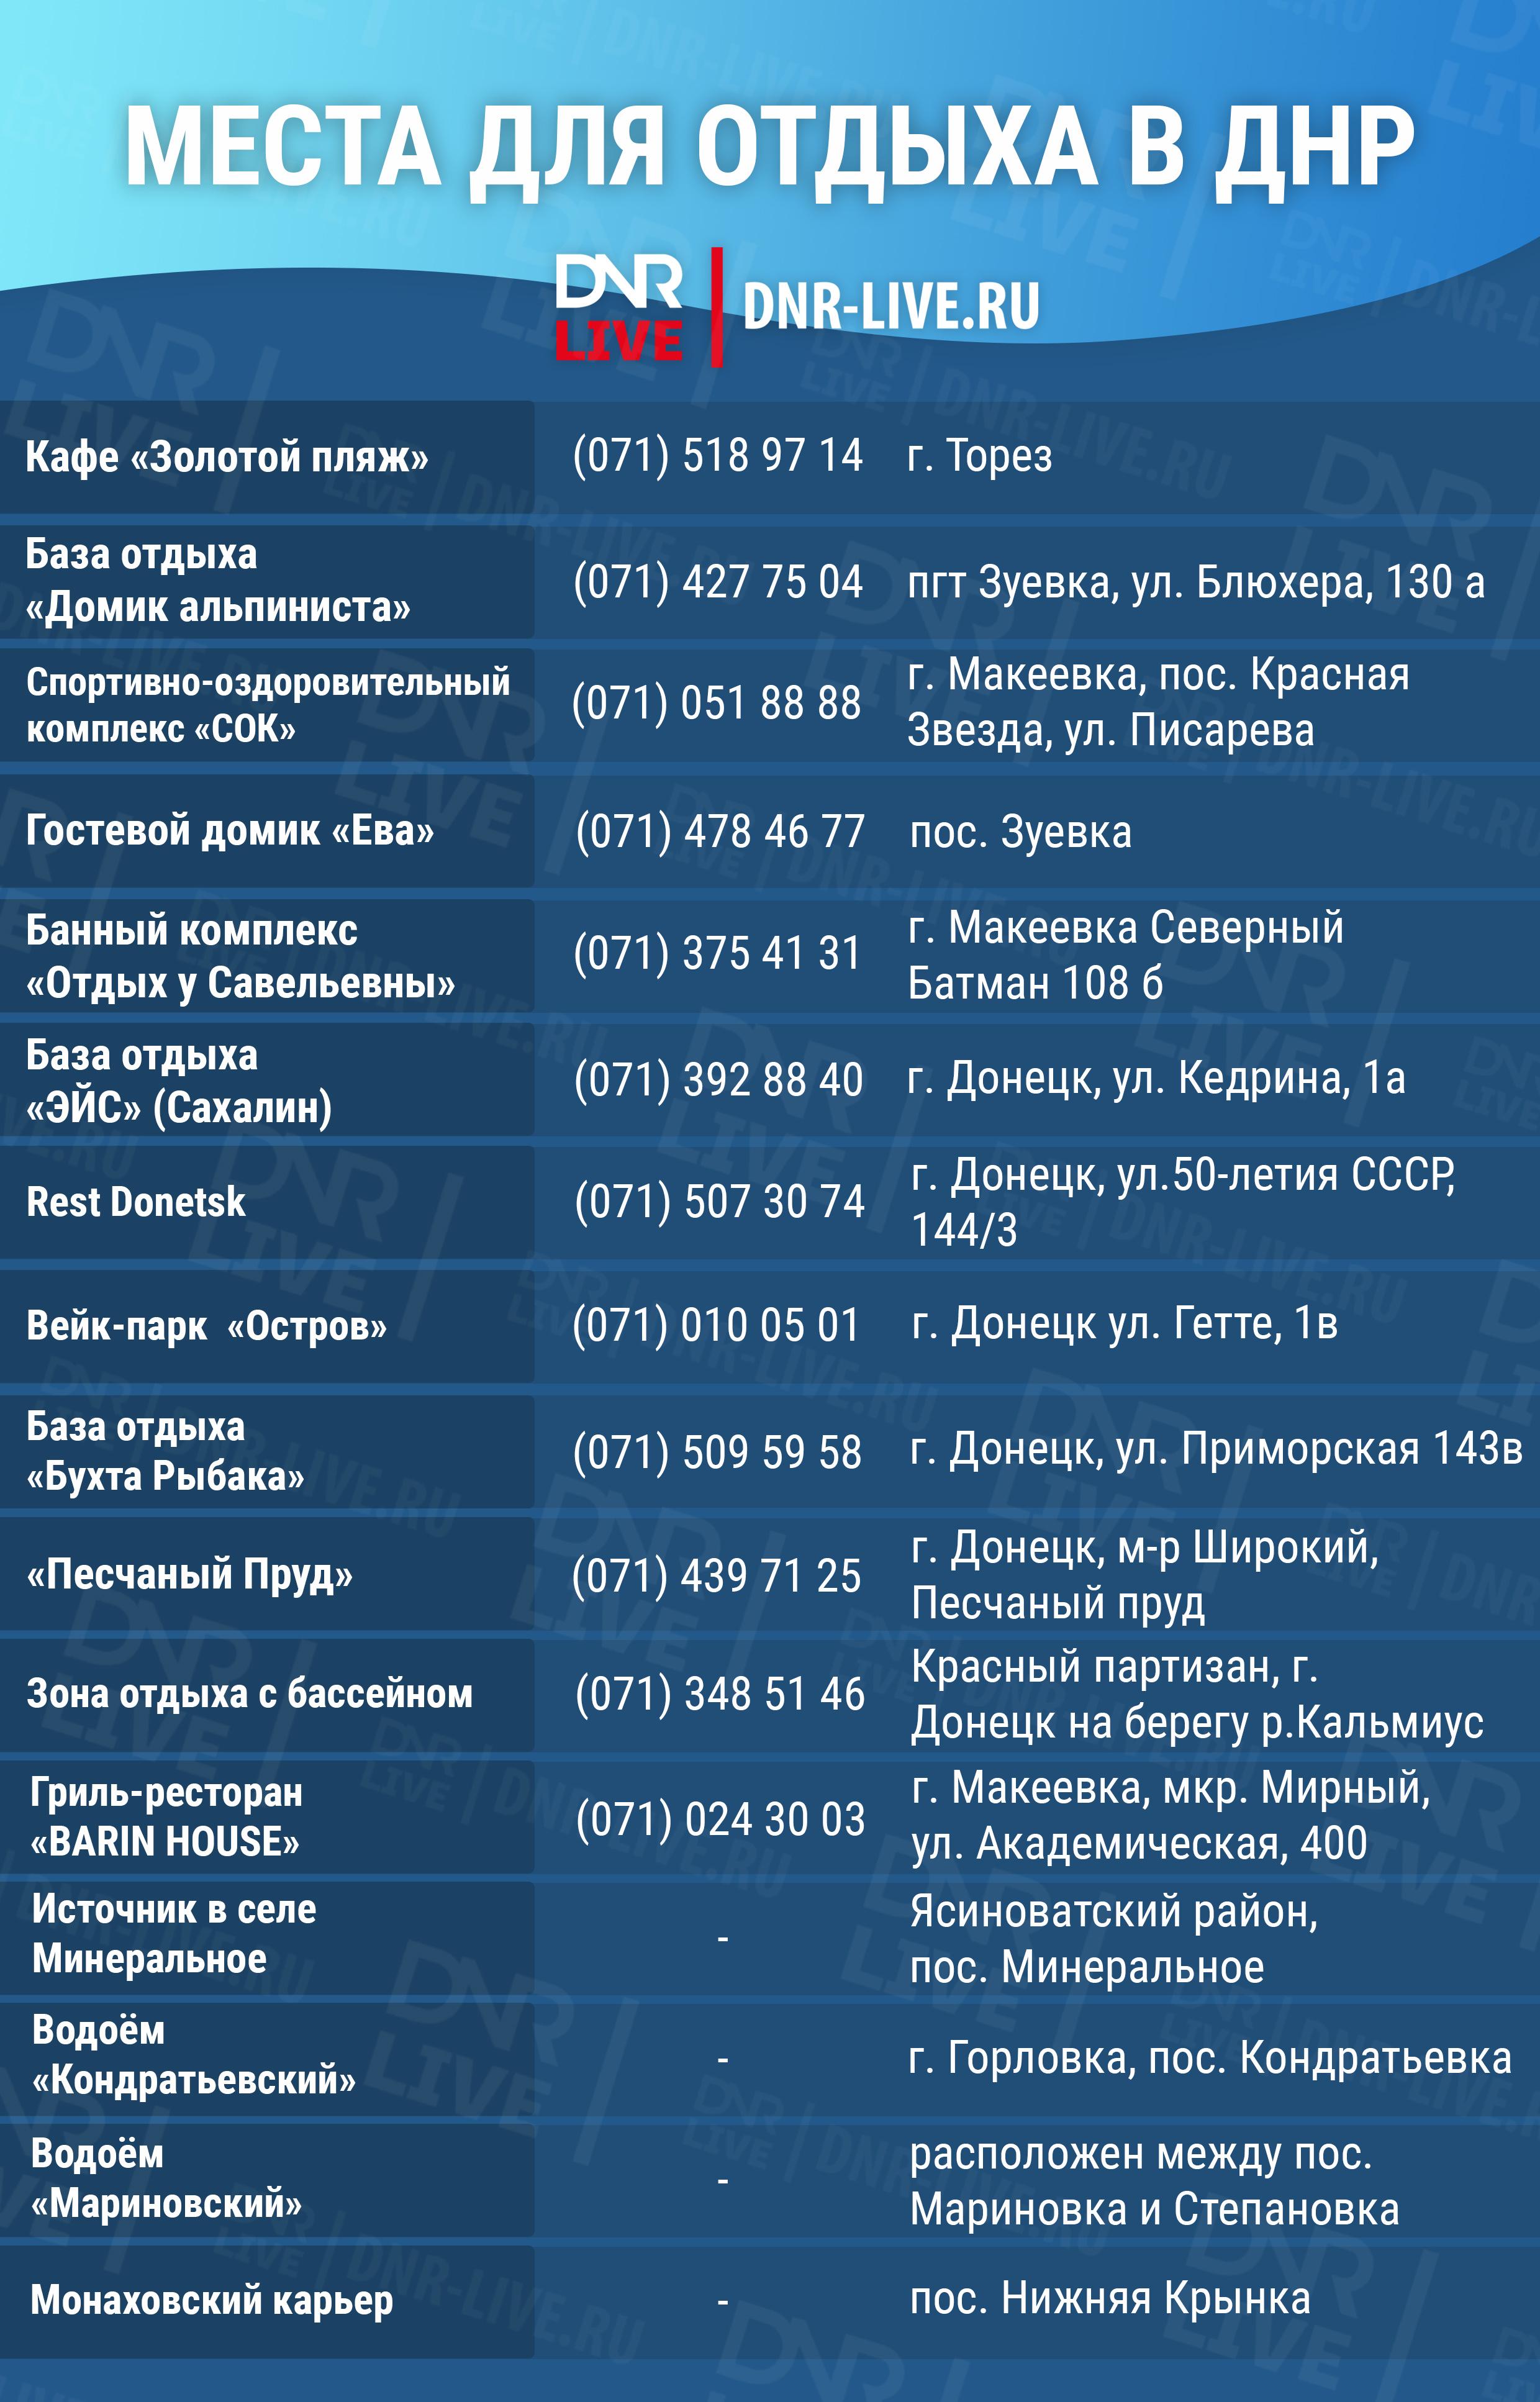 Места для отдыха в ДНР1